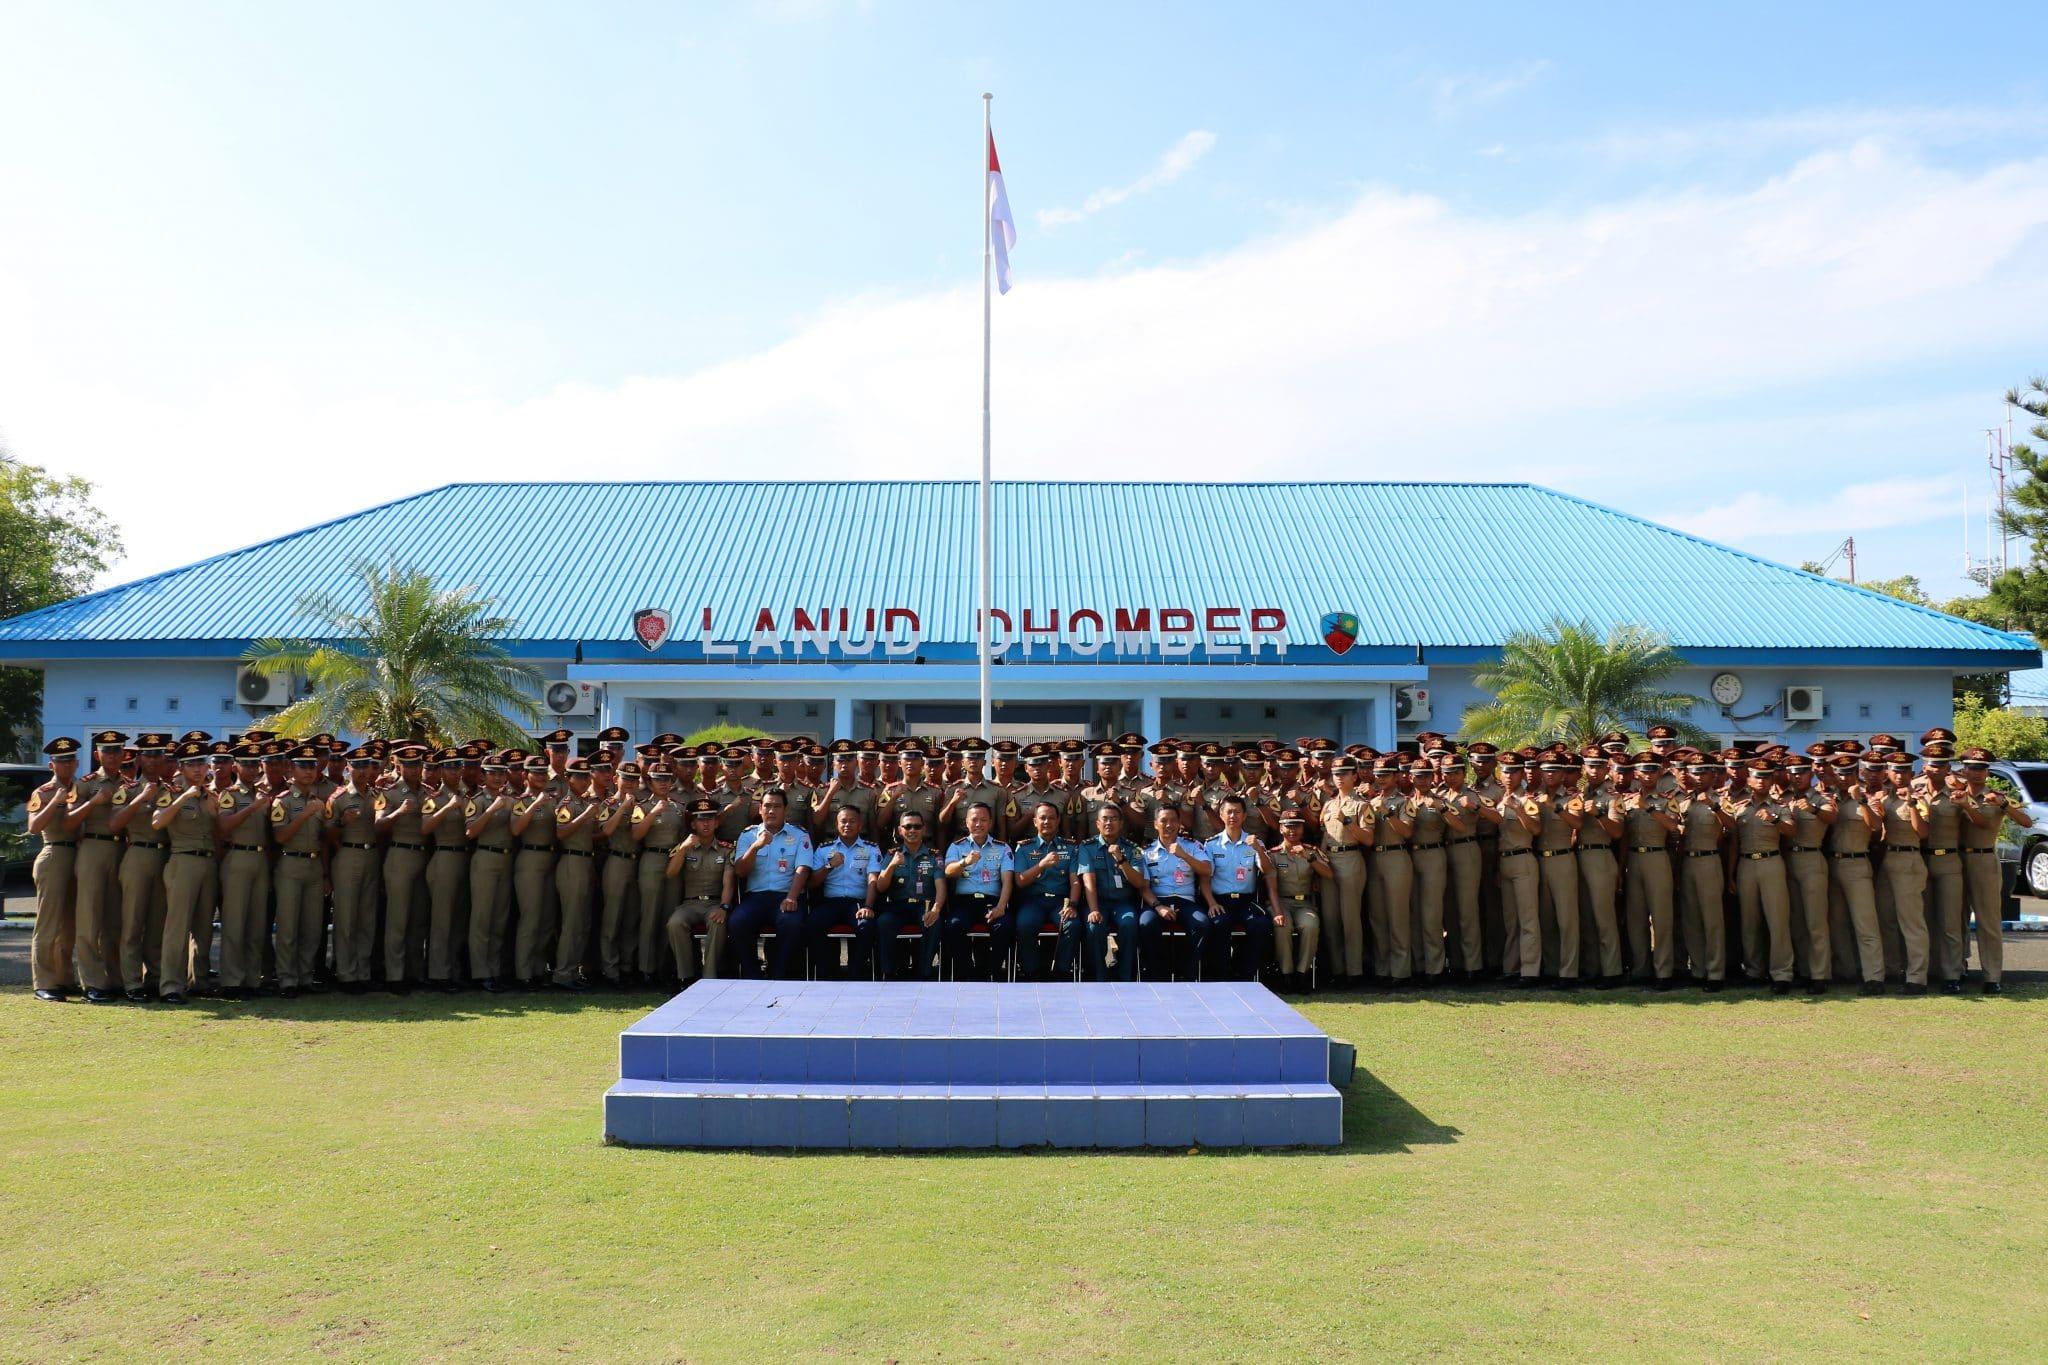 Lanud Dhomber Terima Kunjungan Kehormatan Taruna/Taruni Akademi Angkatan Laut (AAL)